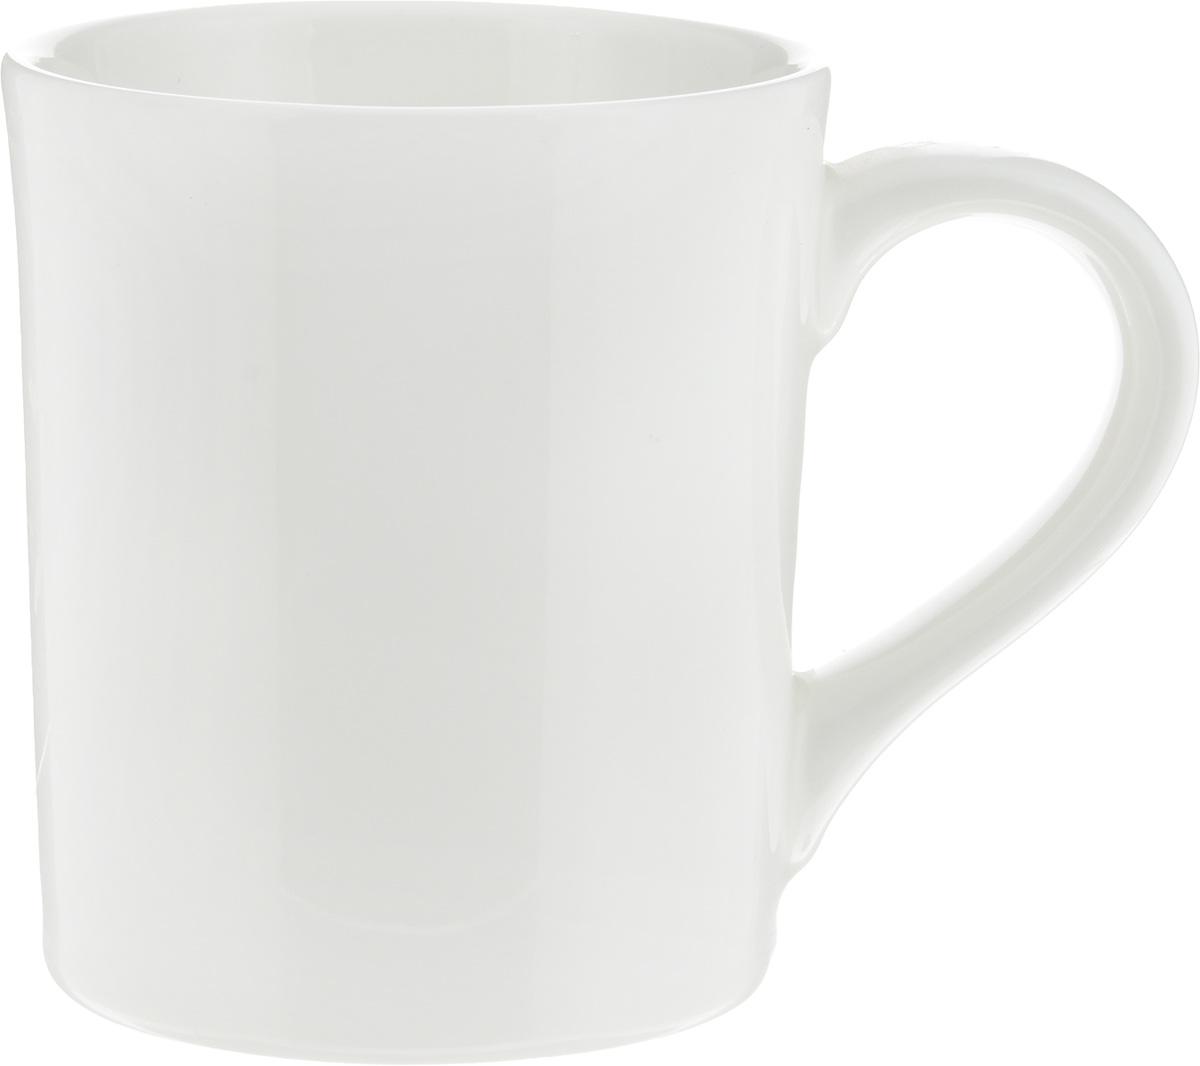 Кружка Ariane Прайм, 460 млAPRARN54046Кружка Ariane Прайм изготовлена из высококачественного фарфора с глазурованным покрытием. Такая кружка оригинально украсит стол, а пить чай или кофе станет еще приятнее.Можно мыть в посудомоечной машине и использовать в микроволновой печи.Диаметр кружки (по верхнему краю): 9 см. Высота салатника: 10,5 см.